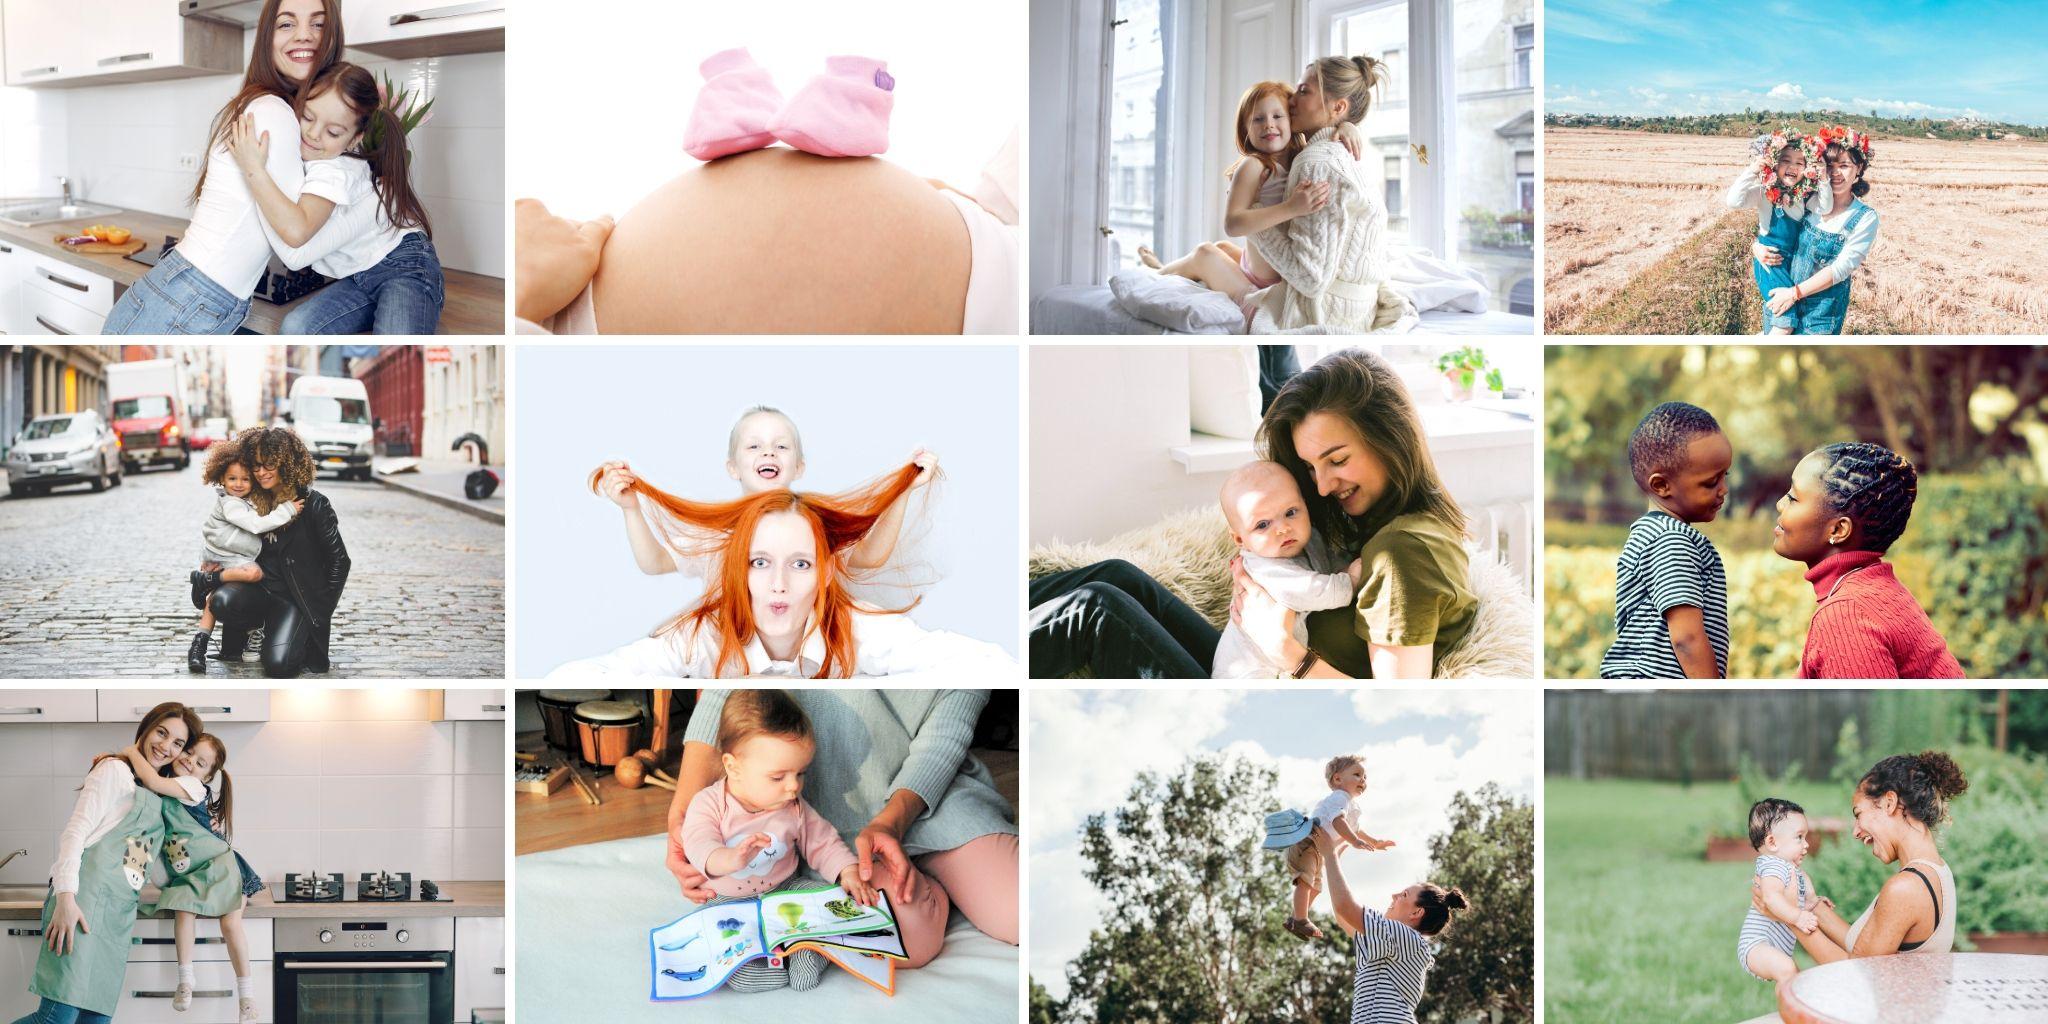 #Mamaleben - eine realistische Sichtweise